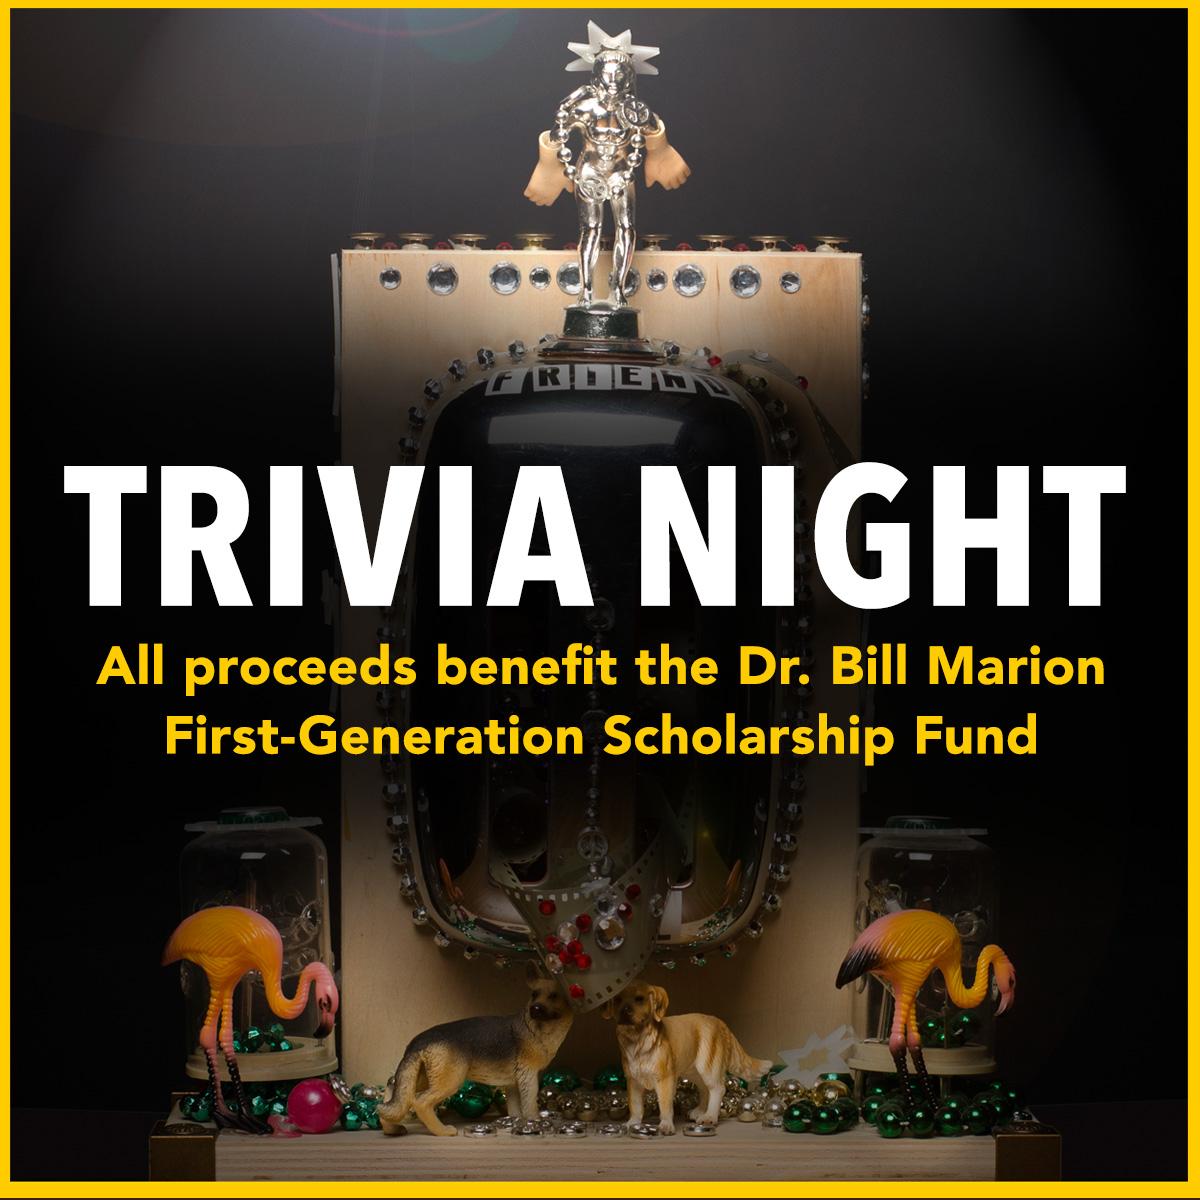 trivia_night_social